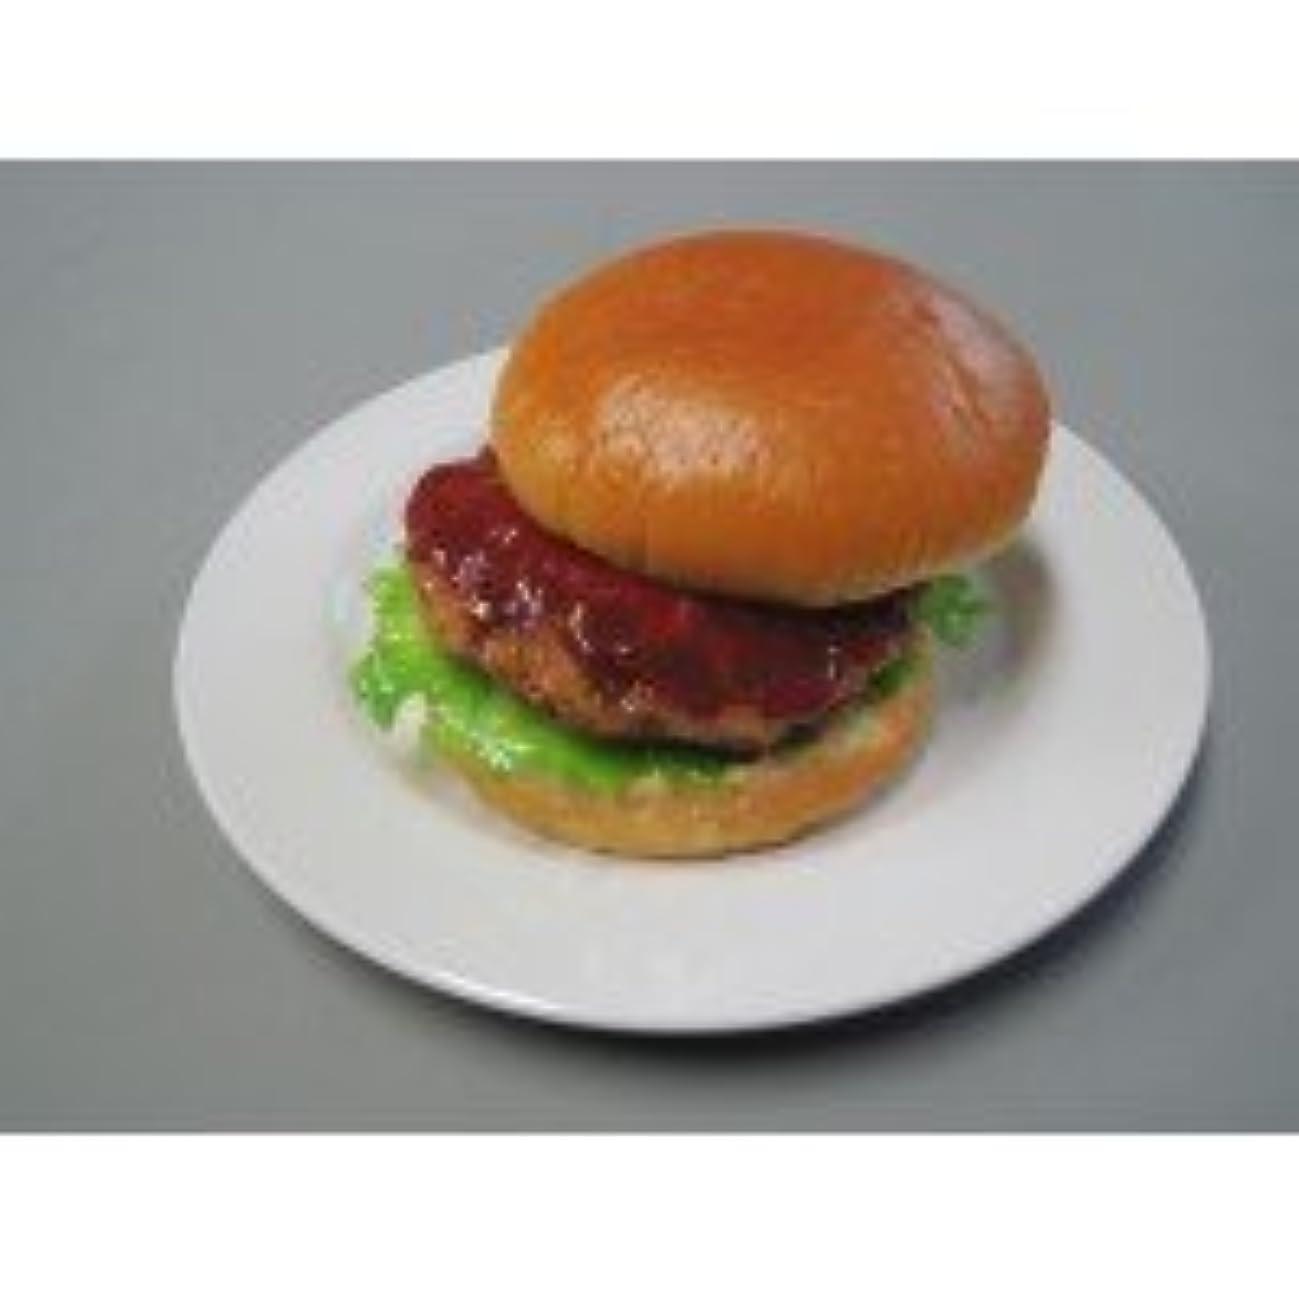 保険をかけるビクター断線日本職人が作る 食品サンプル ハンバーガー IP-198